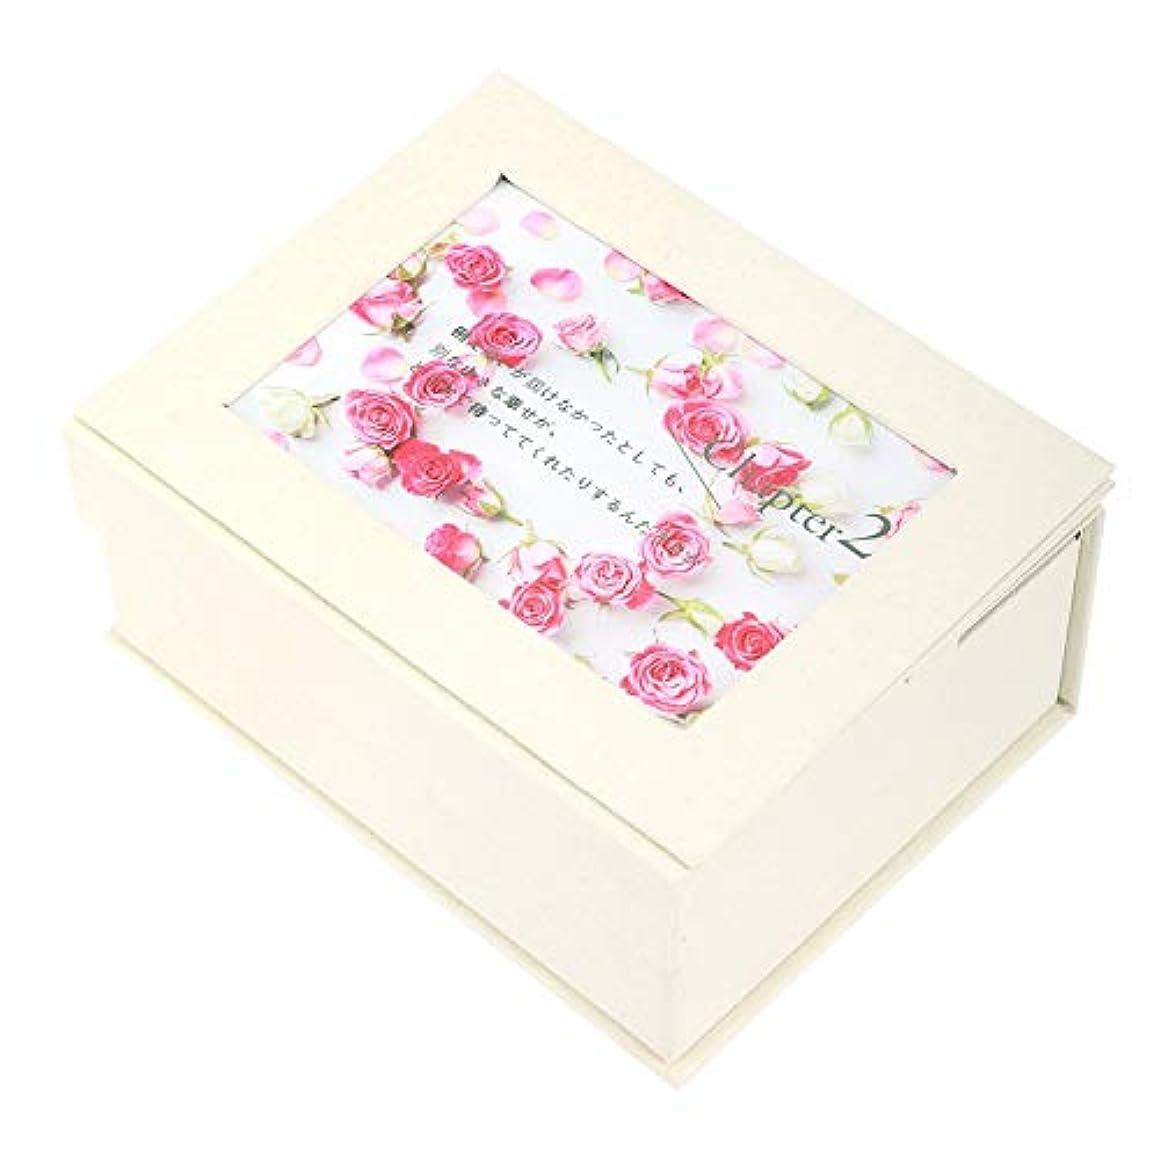 柔らかいペストリージャンピングジャック石鹸の花のギフト用の箱、石鹸の花のギフト用の箱の女の子のお母さんの誕生日のクリスマスの結婚式のギフトの写真フレームが付いている花の石鹸(#1)